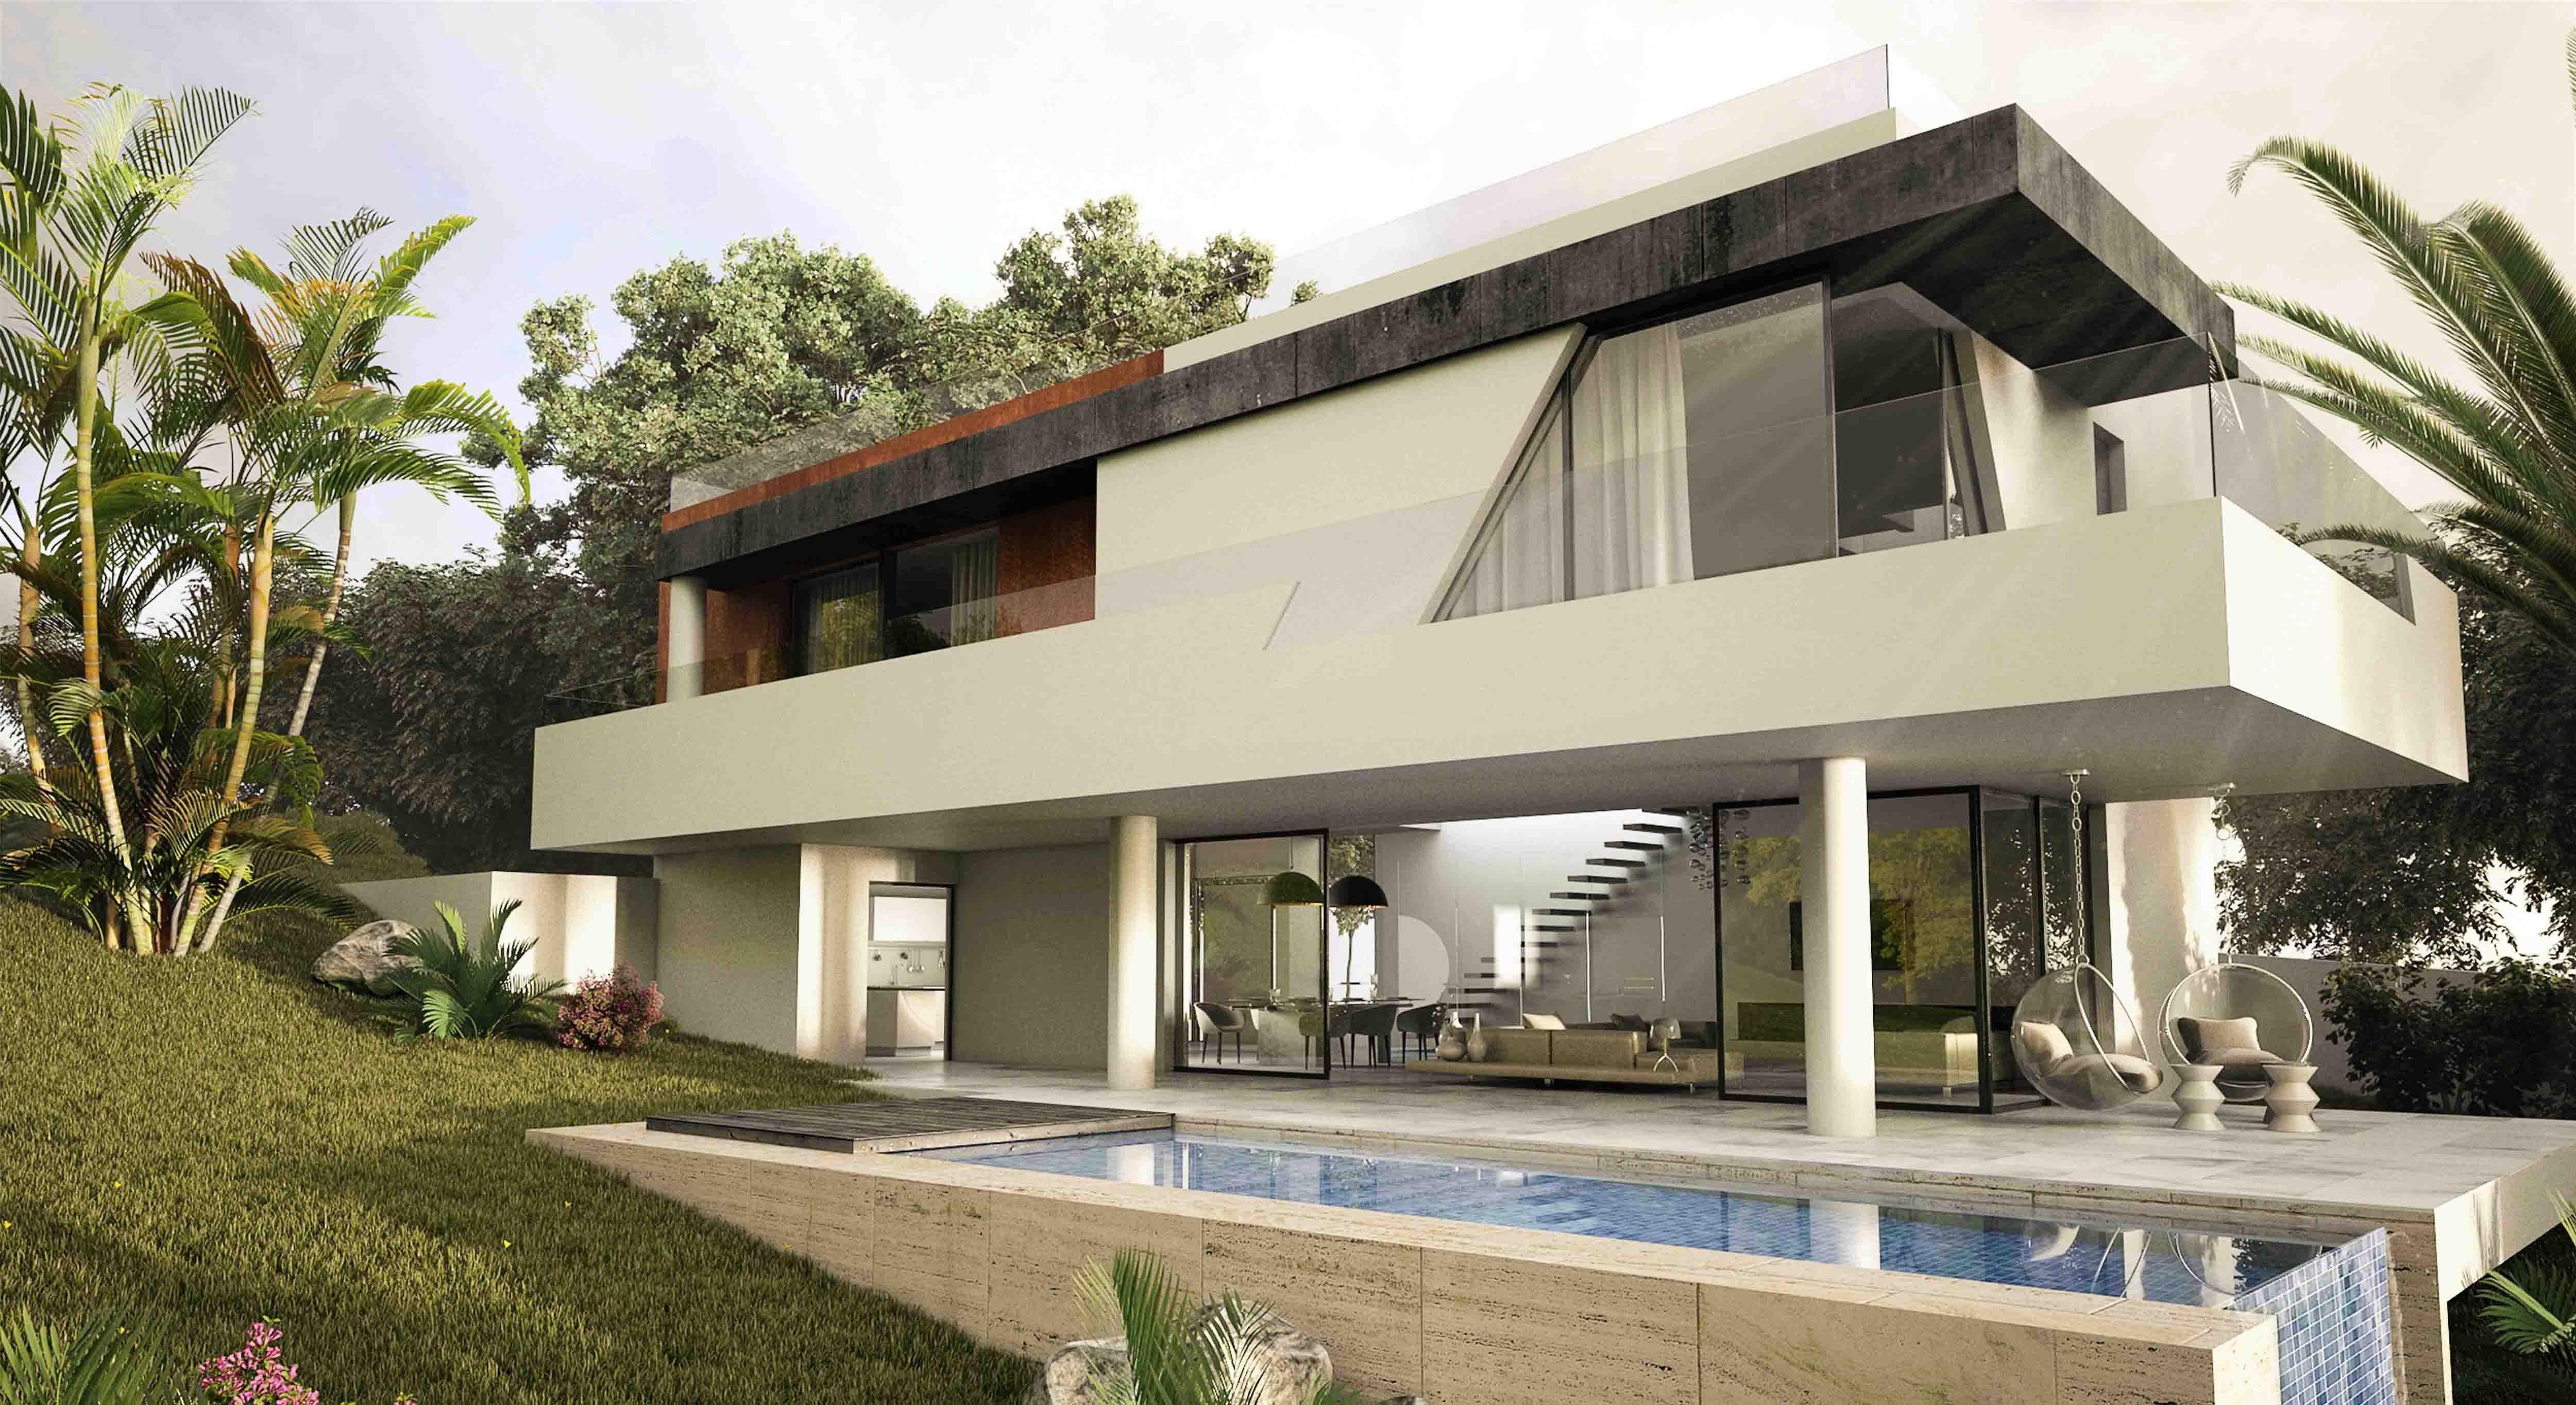 Casas inteligentes hechas a medida en Marbella.